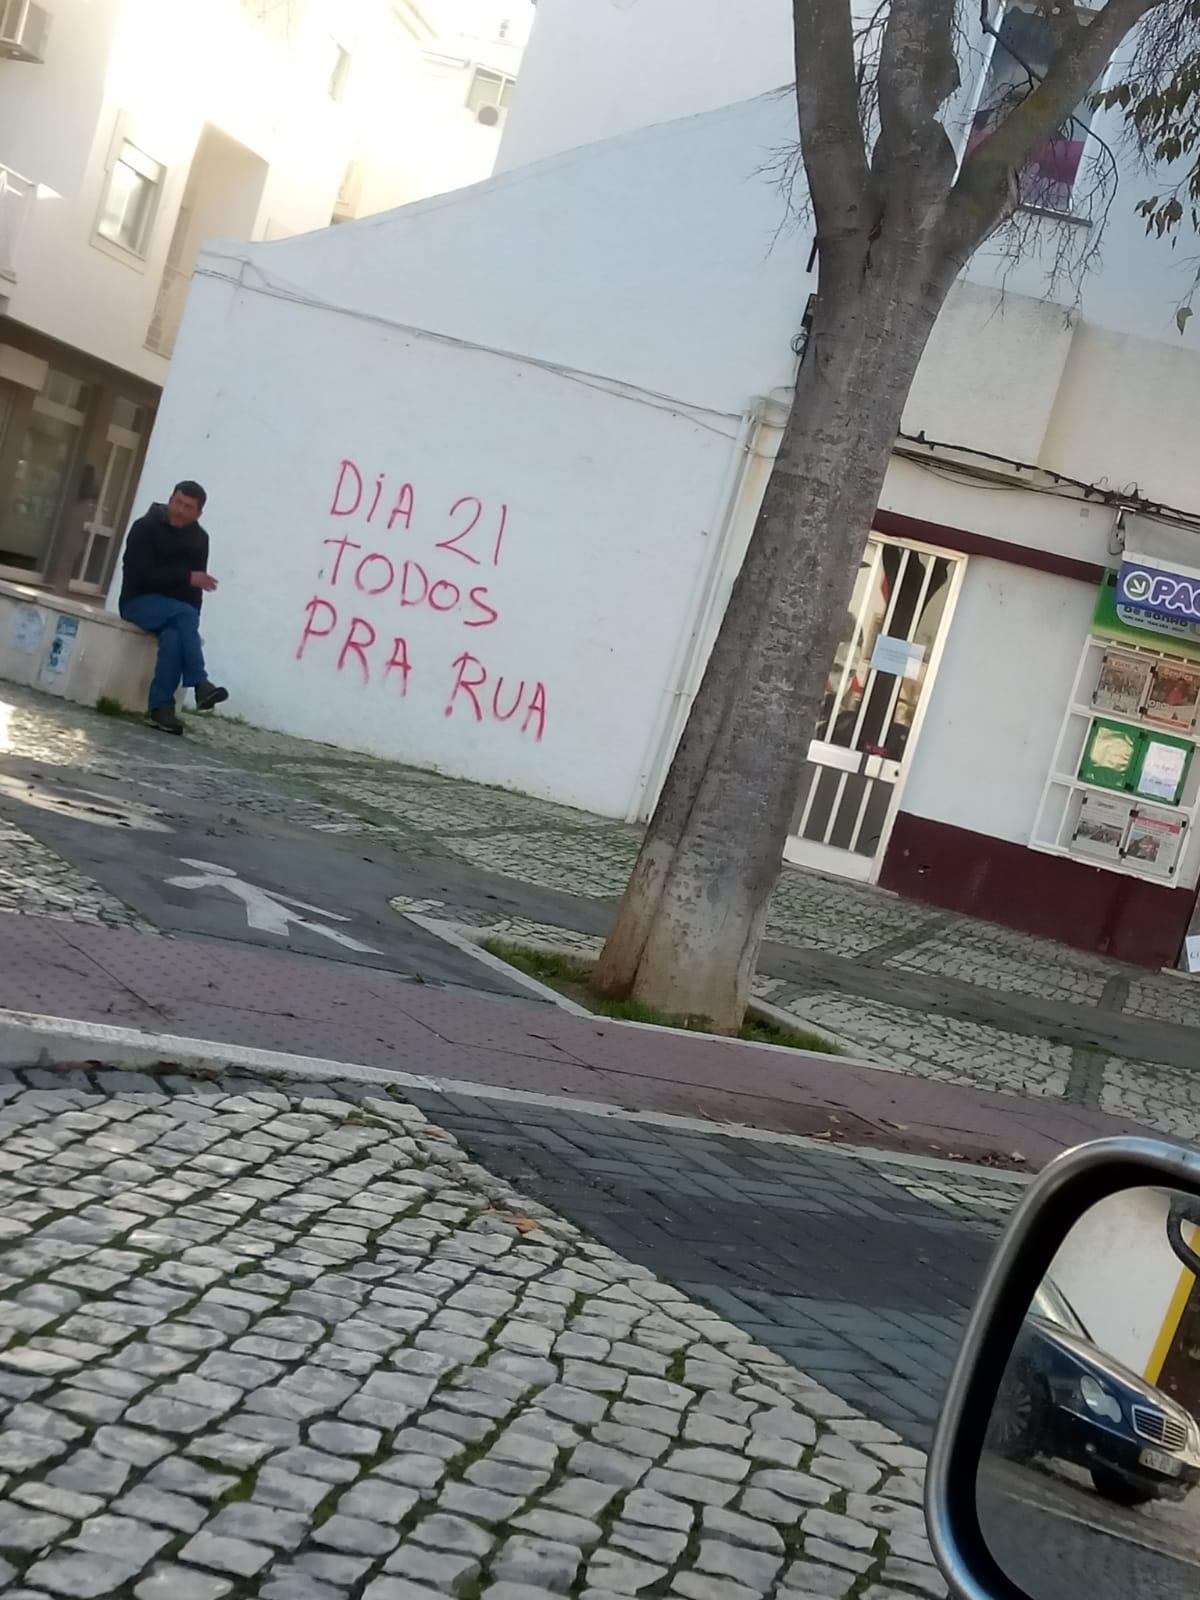 Mensagens publicadas na rua